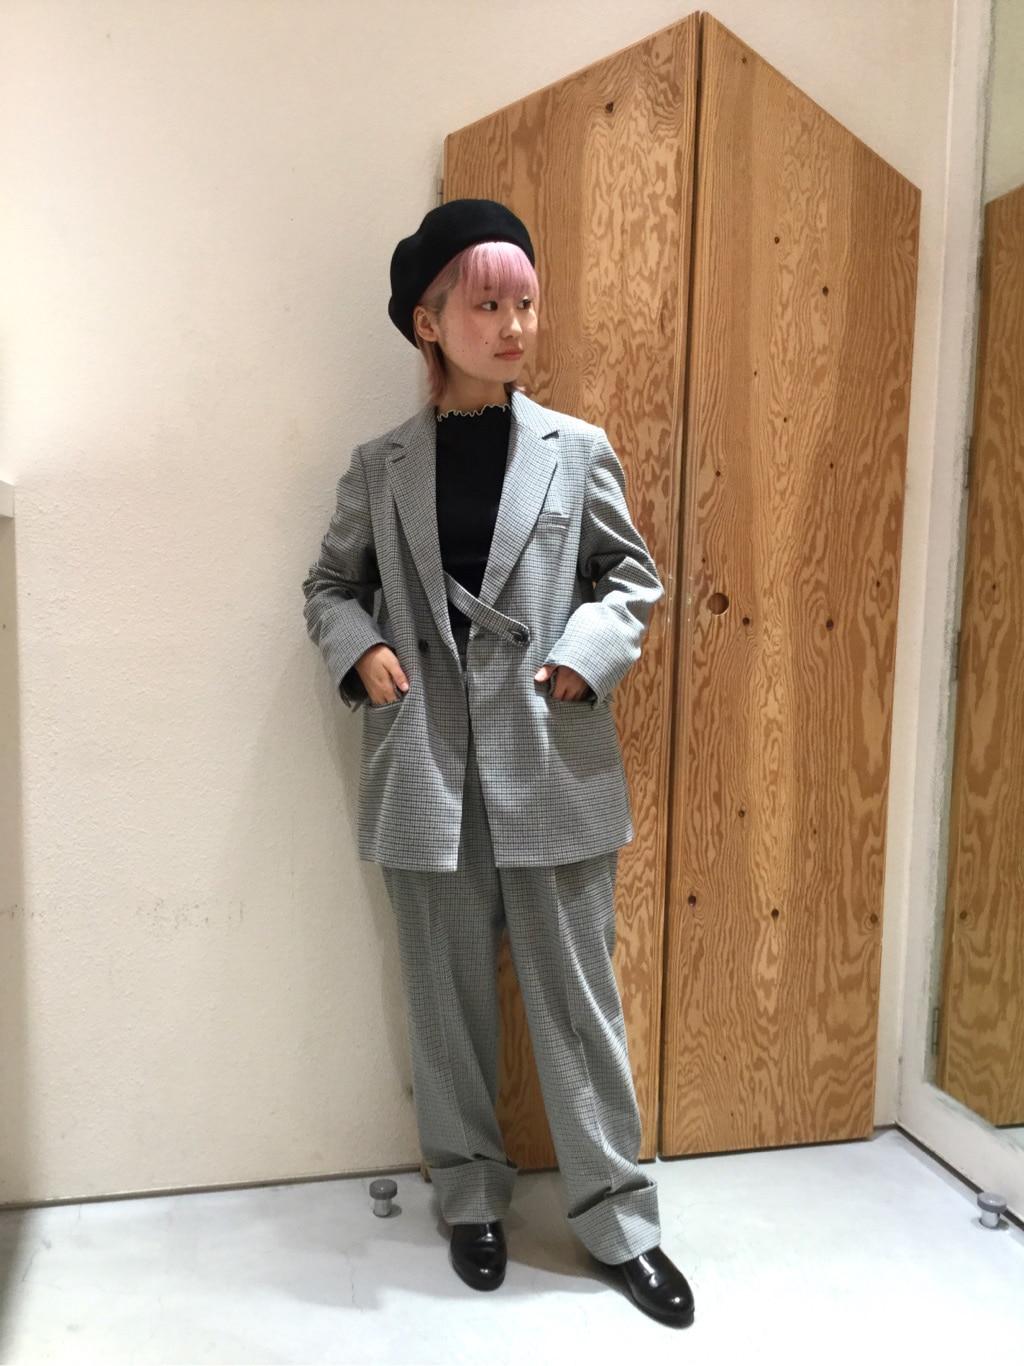 l'atelier du savon グランフロント大阪 身長:157cm 2019.10.31